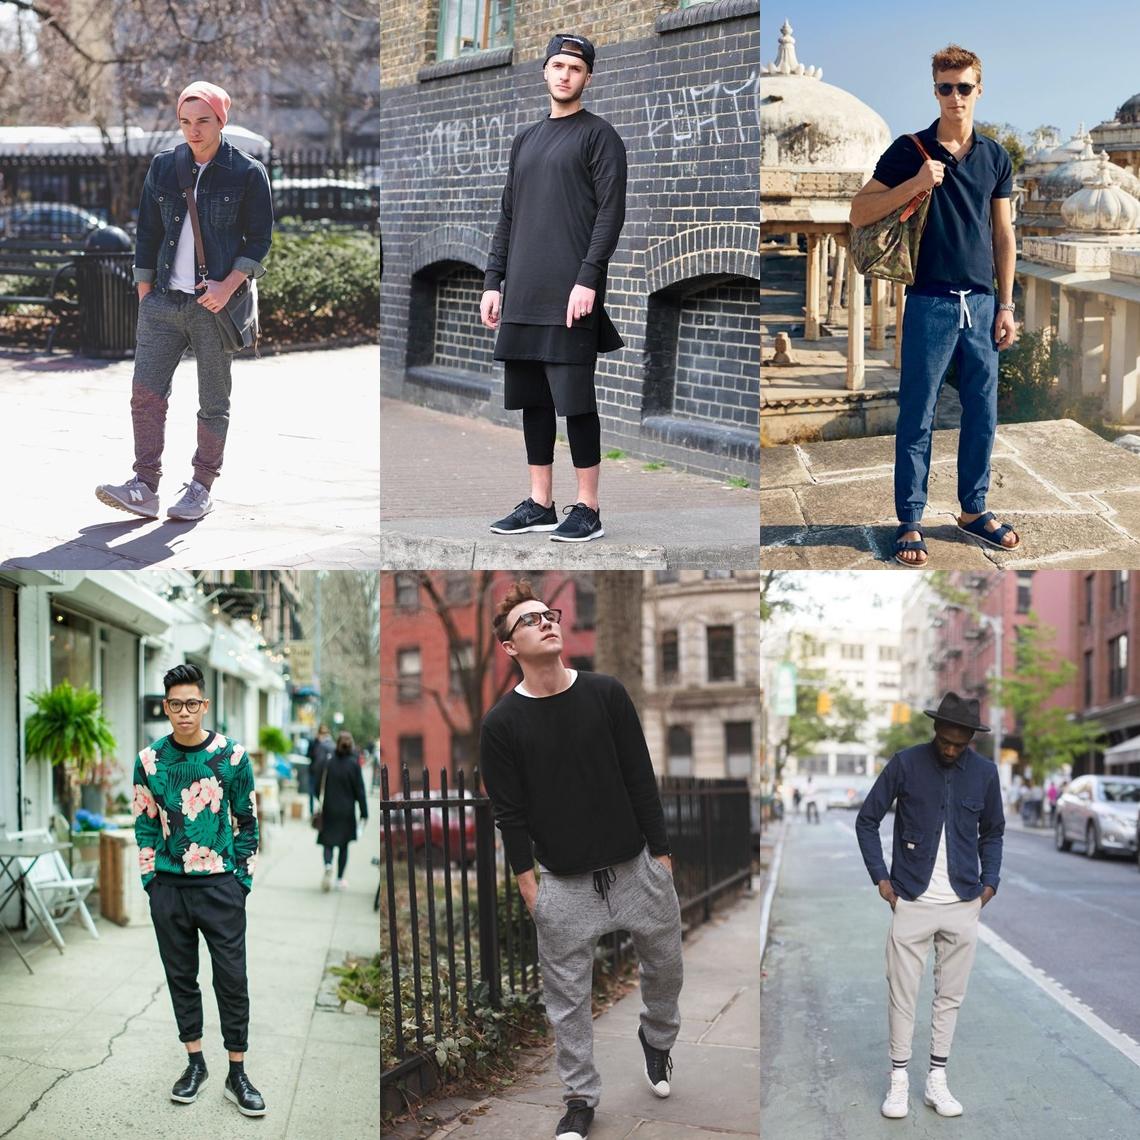 calça de moletom masculino, moletom, calça masculina, dicas de moda, dicas de estilo, moda masculina, fashion blogger, blog de moda, alex cursino, moda sem censura, menswear, style, 2